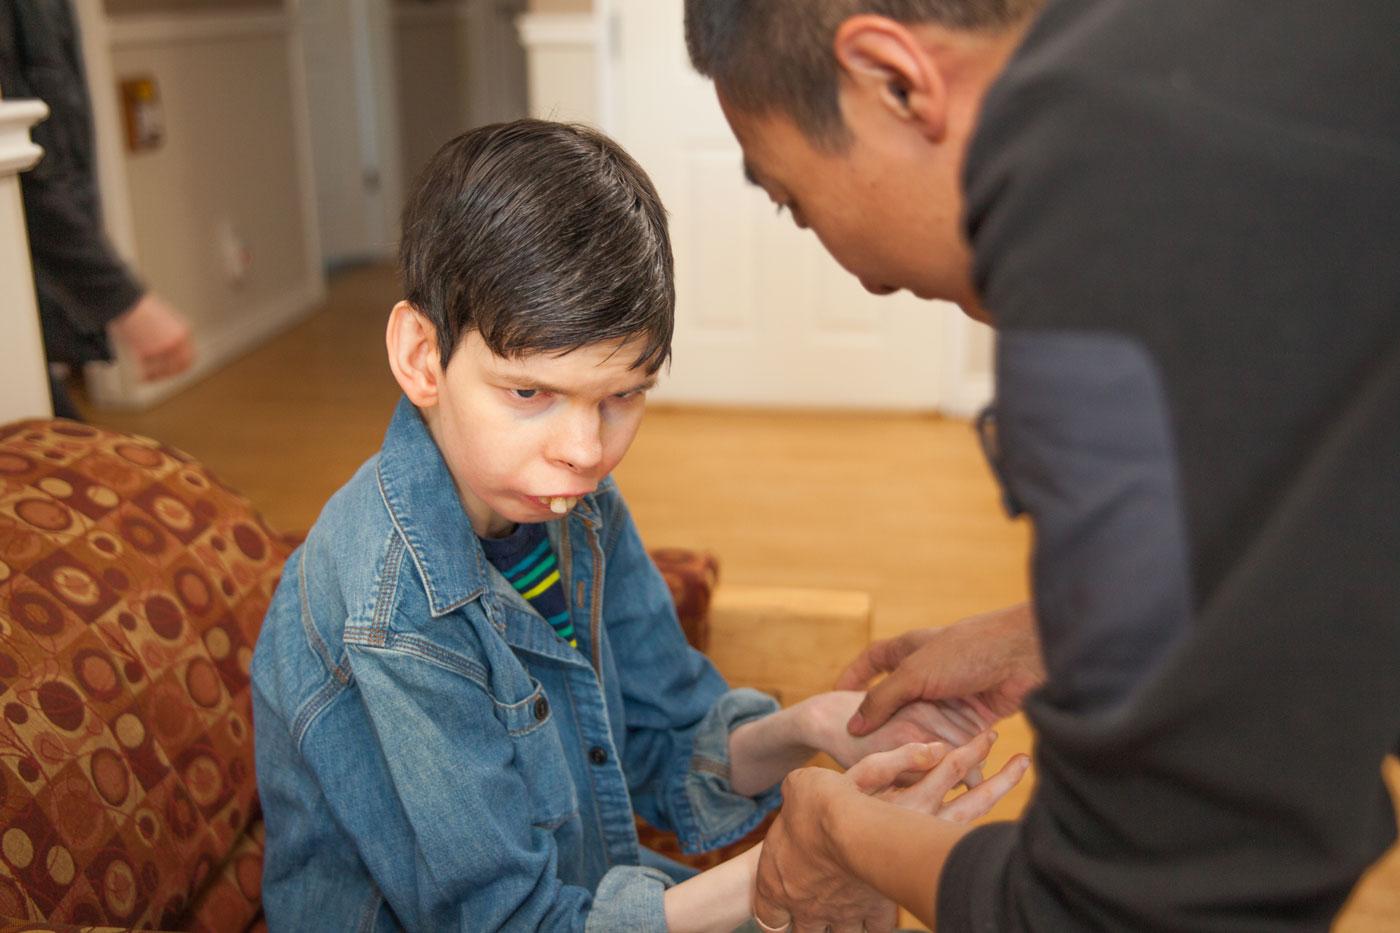 L'interprète tactile sourit en aidant un homme à peindre un objet artisanal à la table de la cuisine.